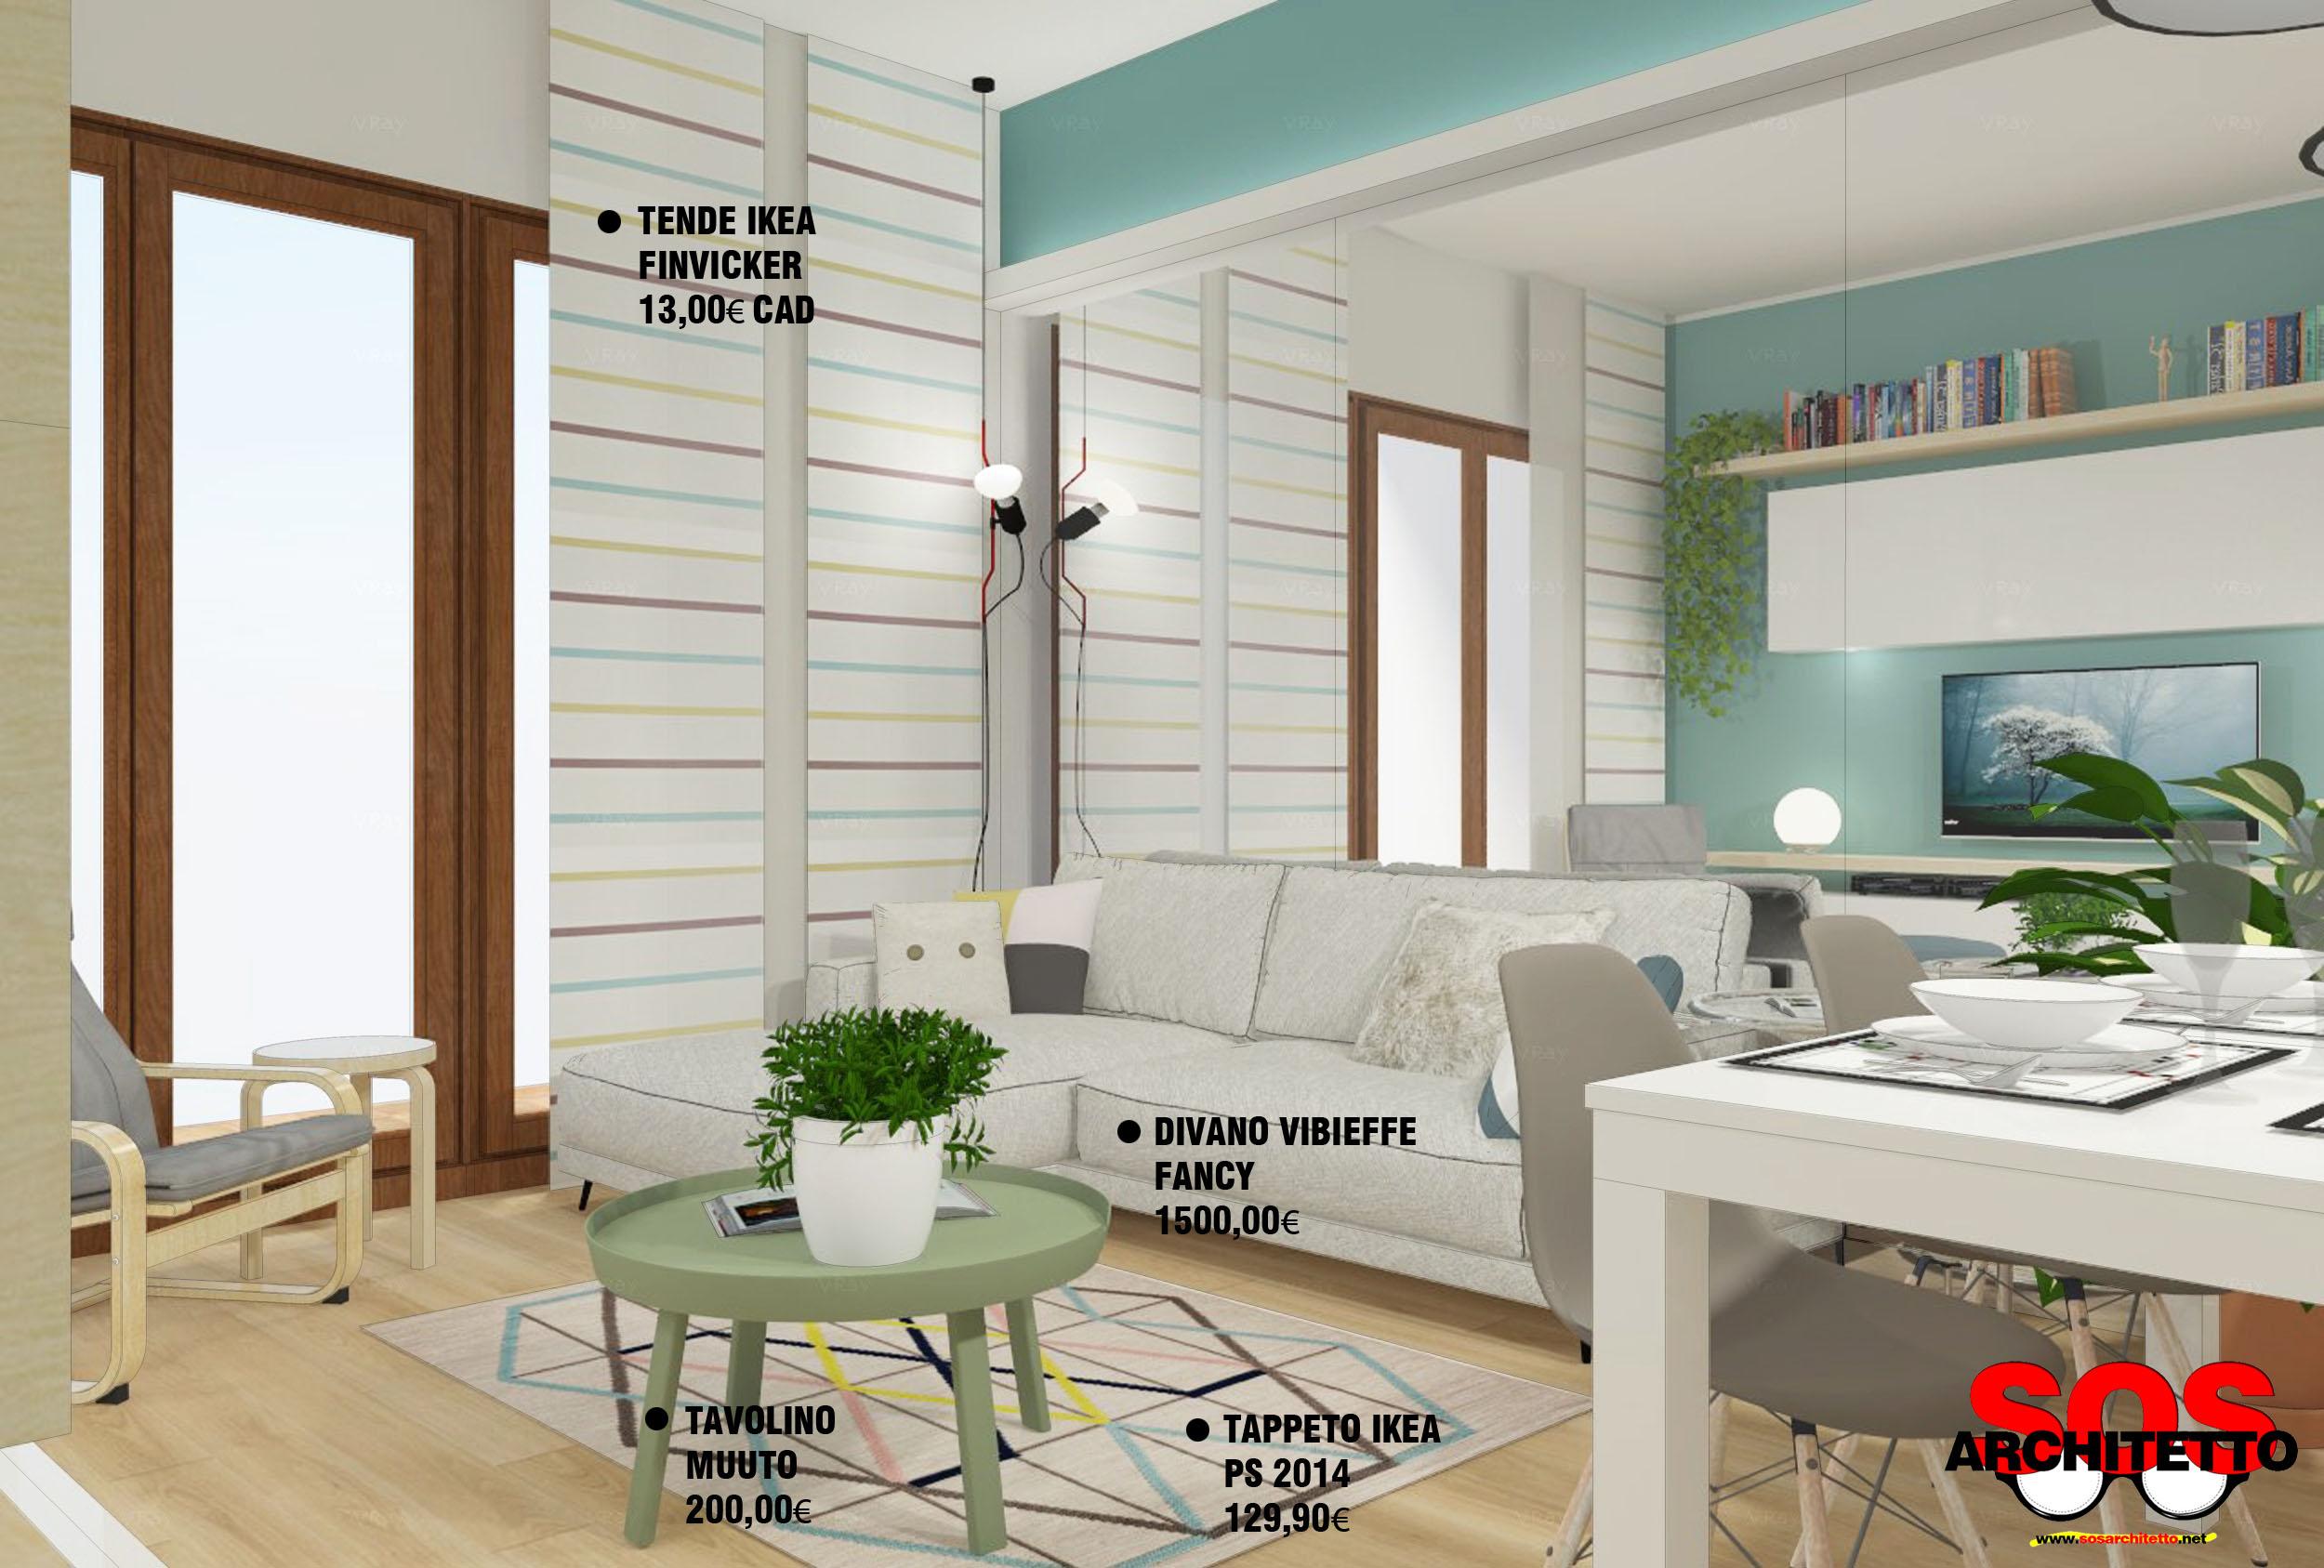 Mobile Dietro Al Divano rivoluzionare un soggiorno con l'arredamento giusto - sos